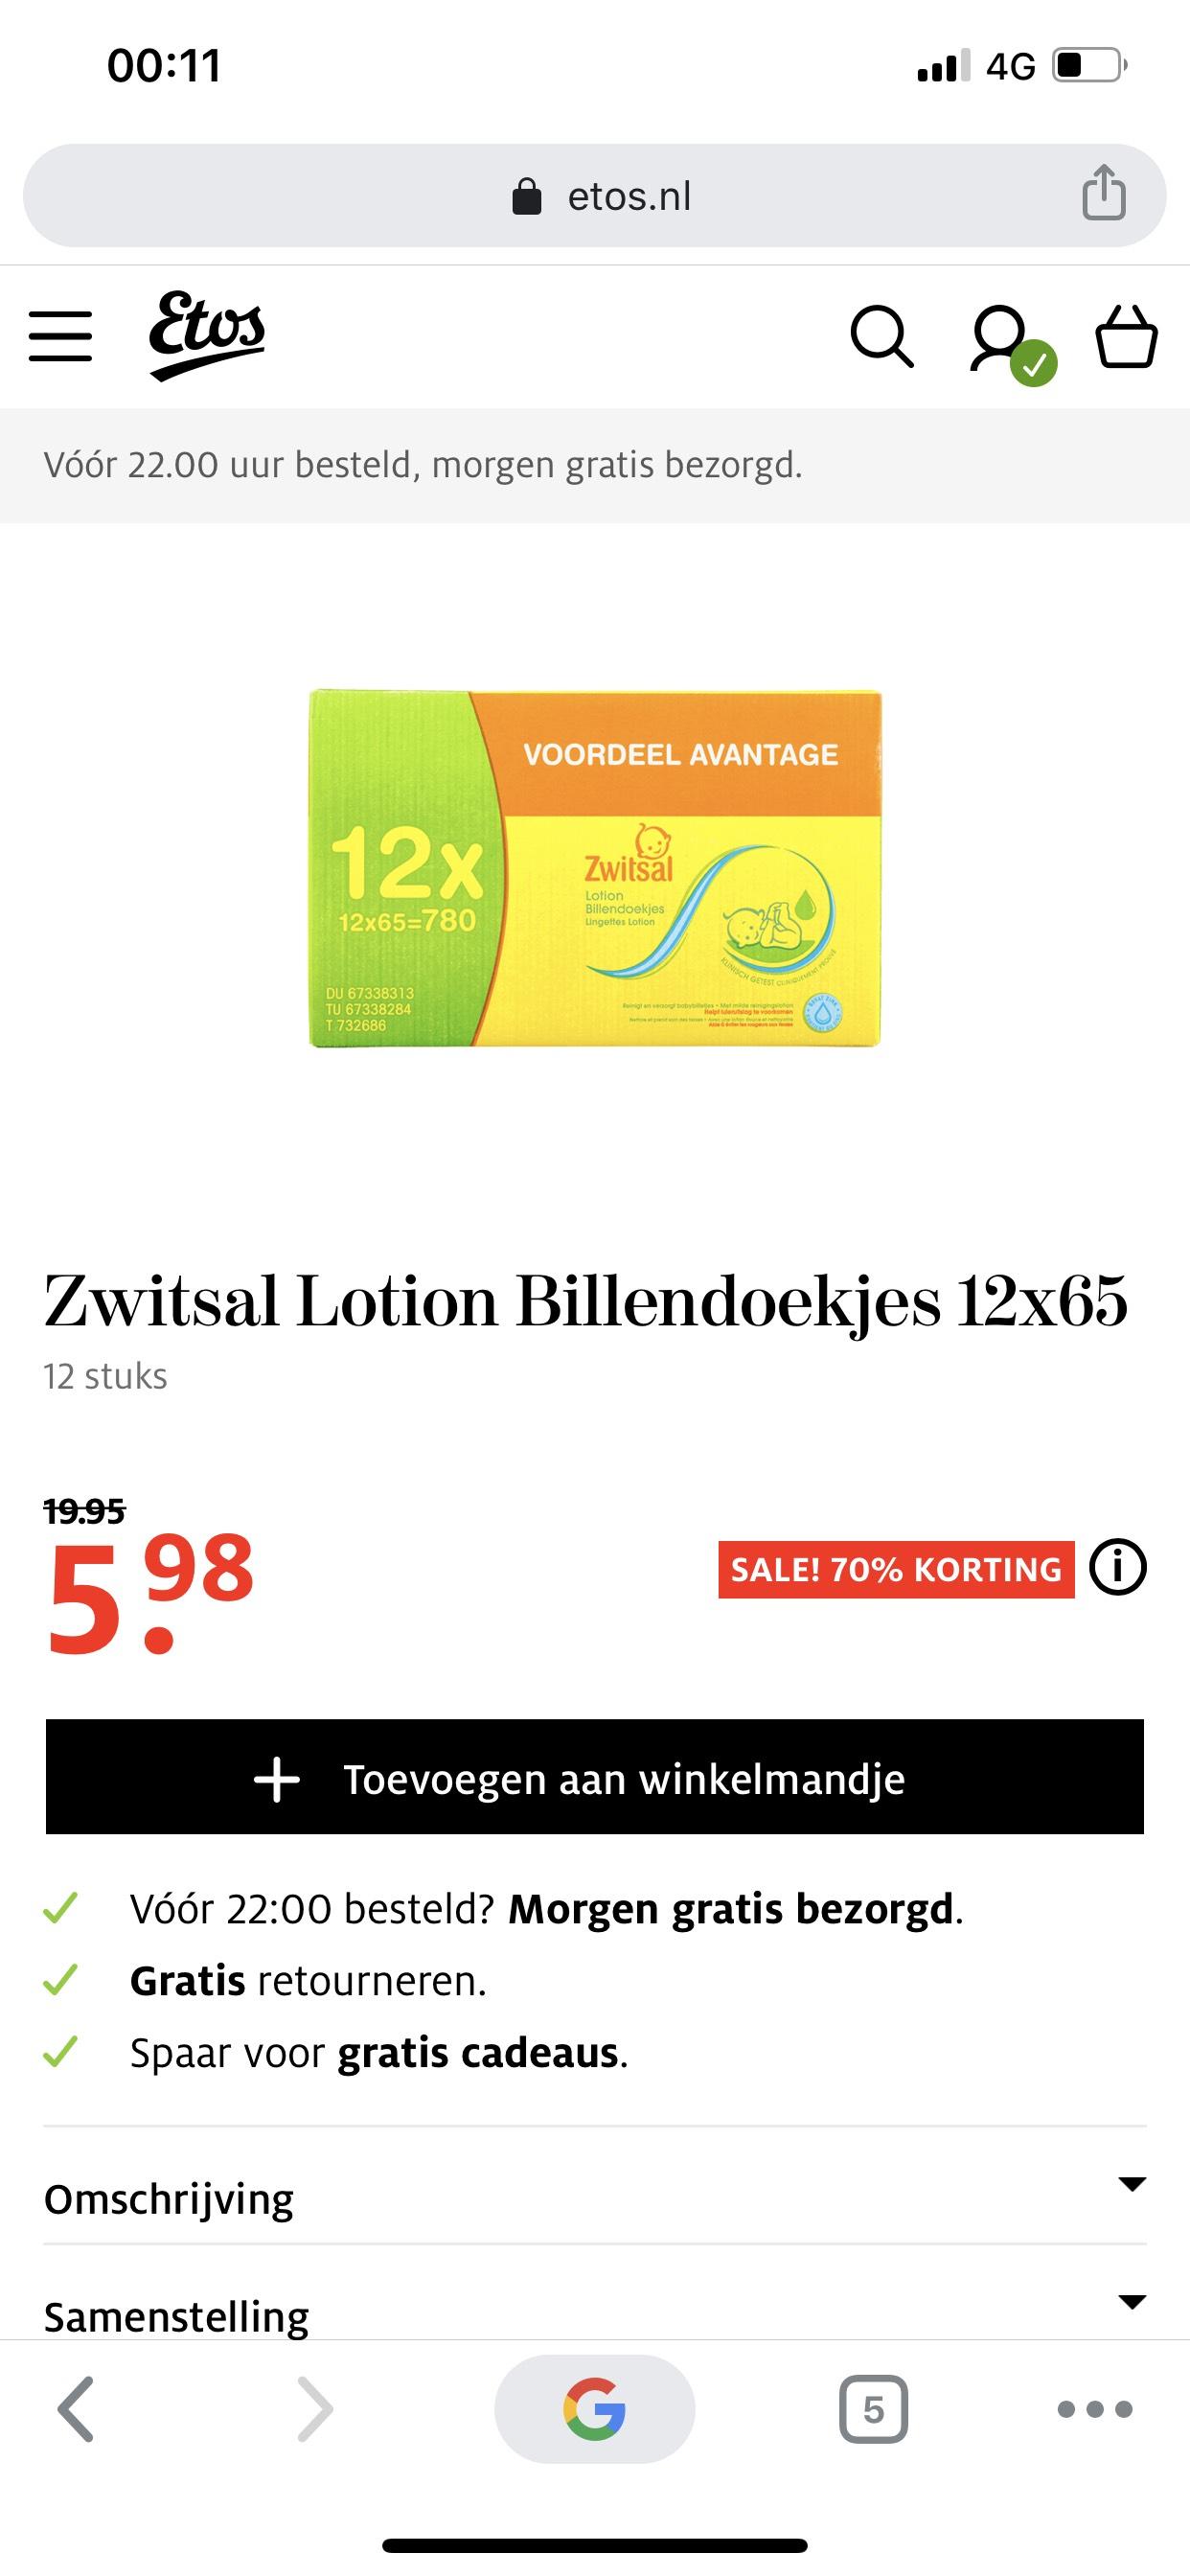 12 pakken Zwitsal billendoekjes voor €5,98 ipv €20,-